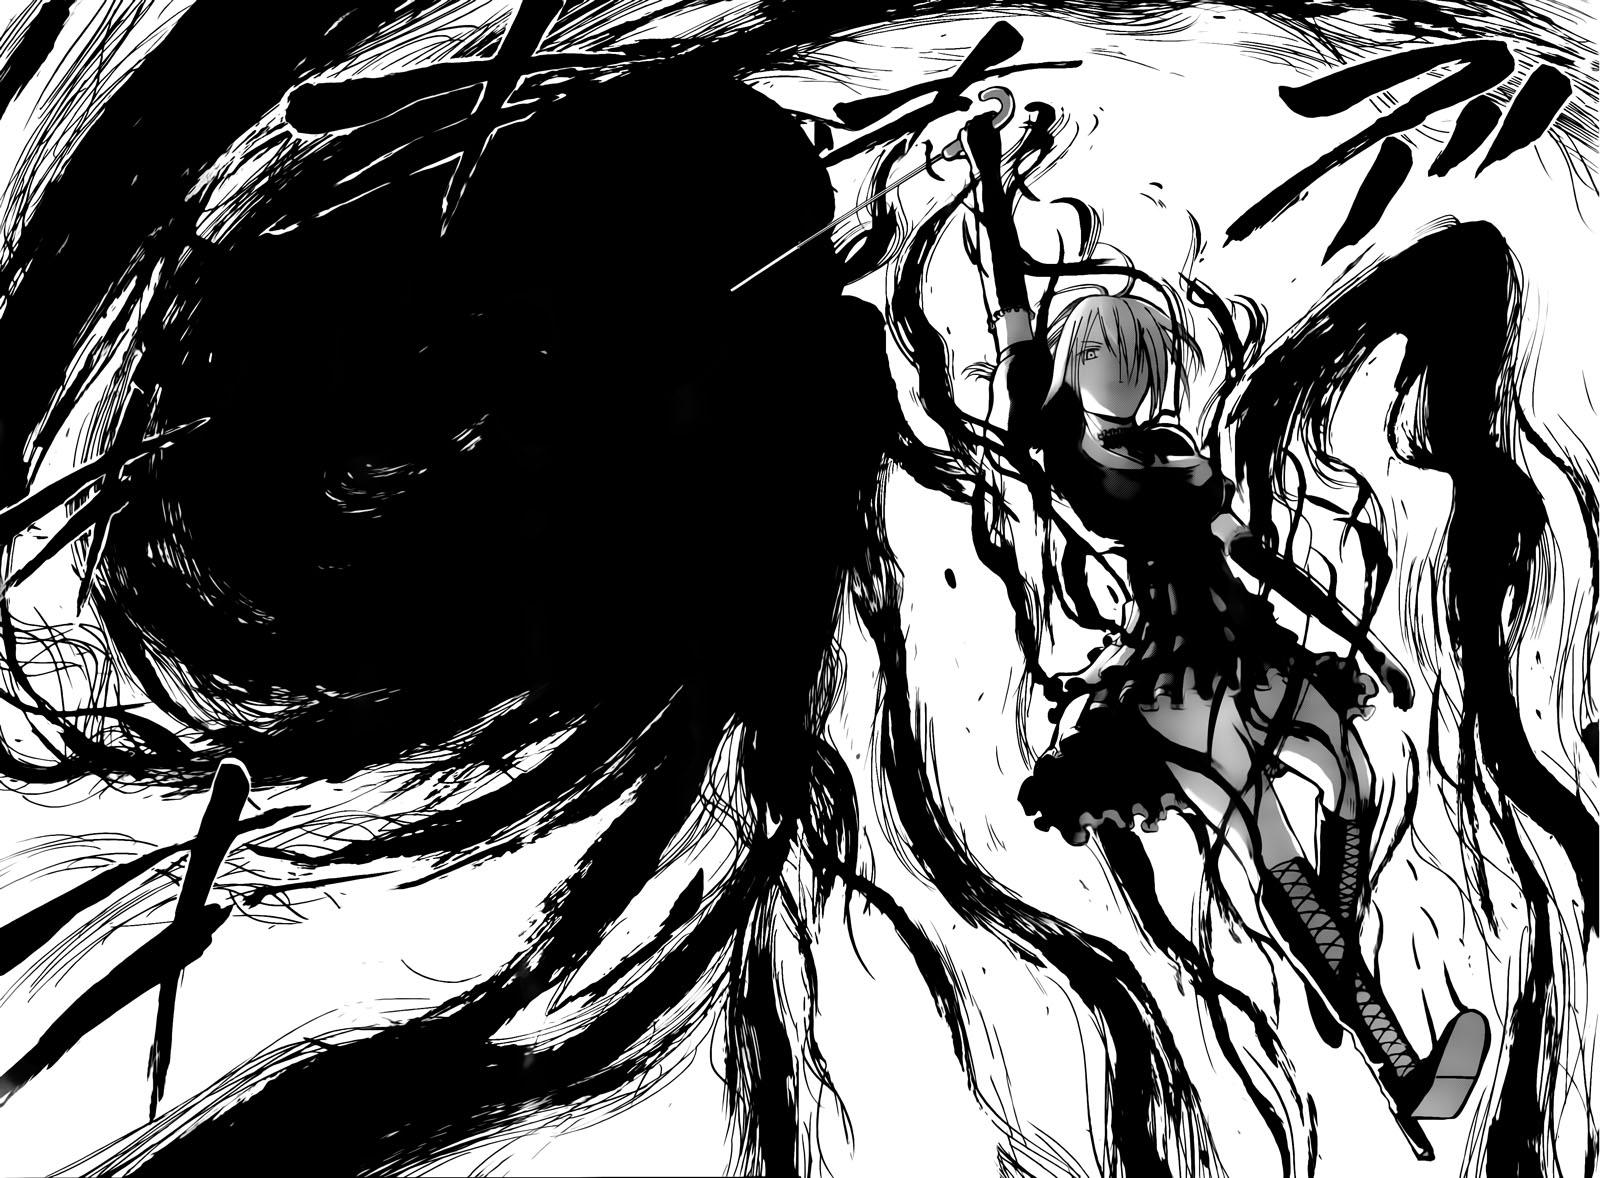 Vua Quỷ - Beelzebub tap 79 - 15